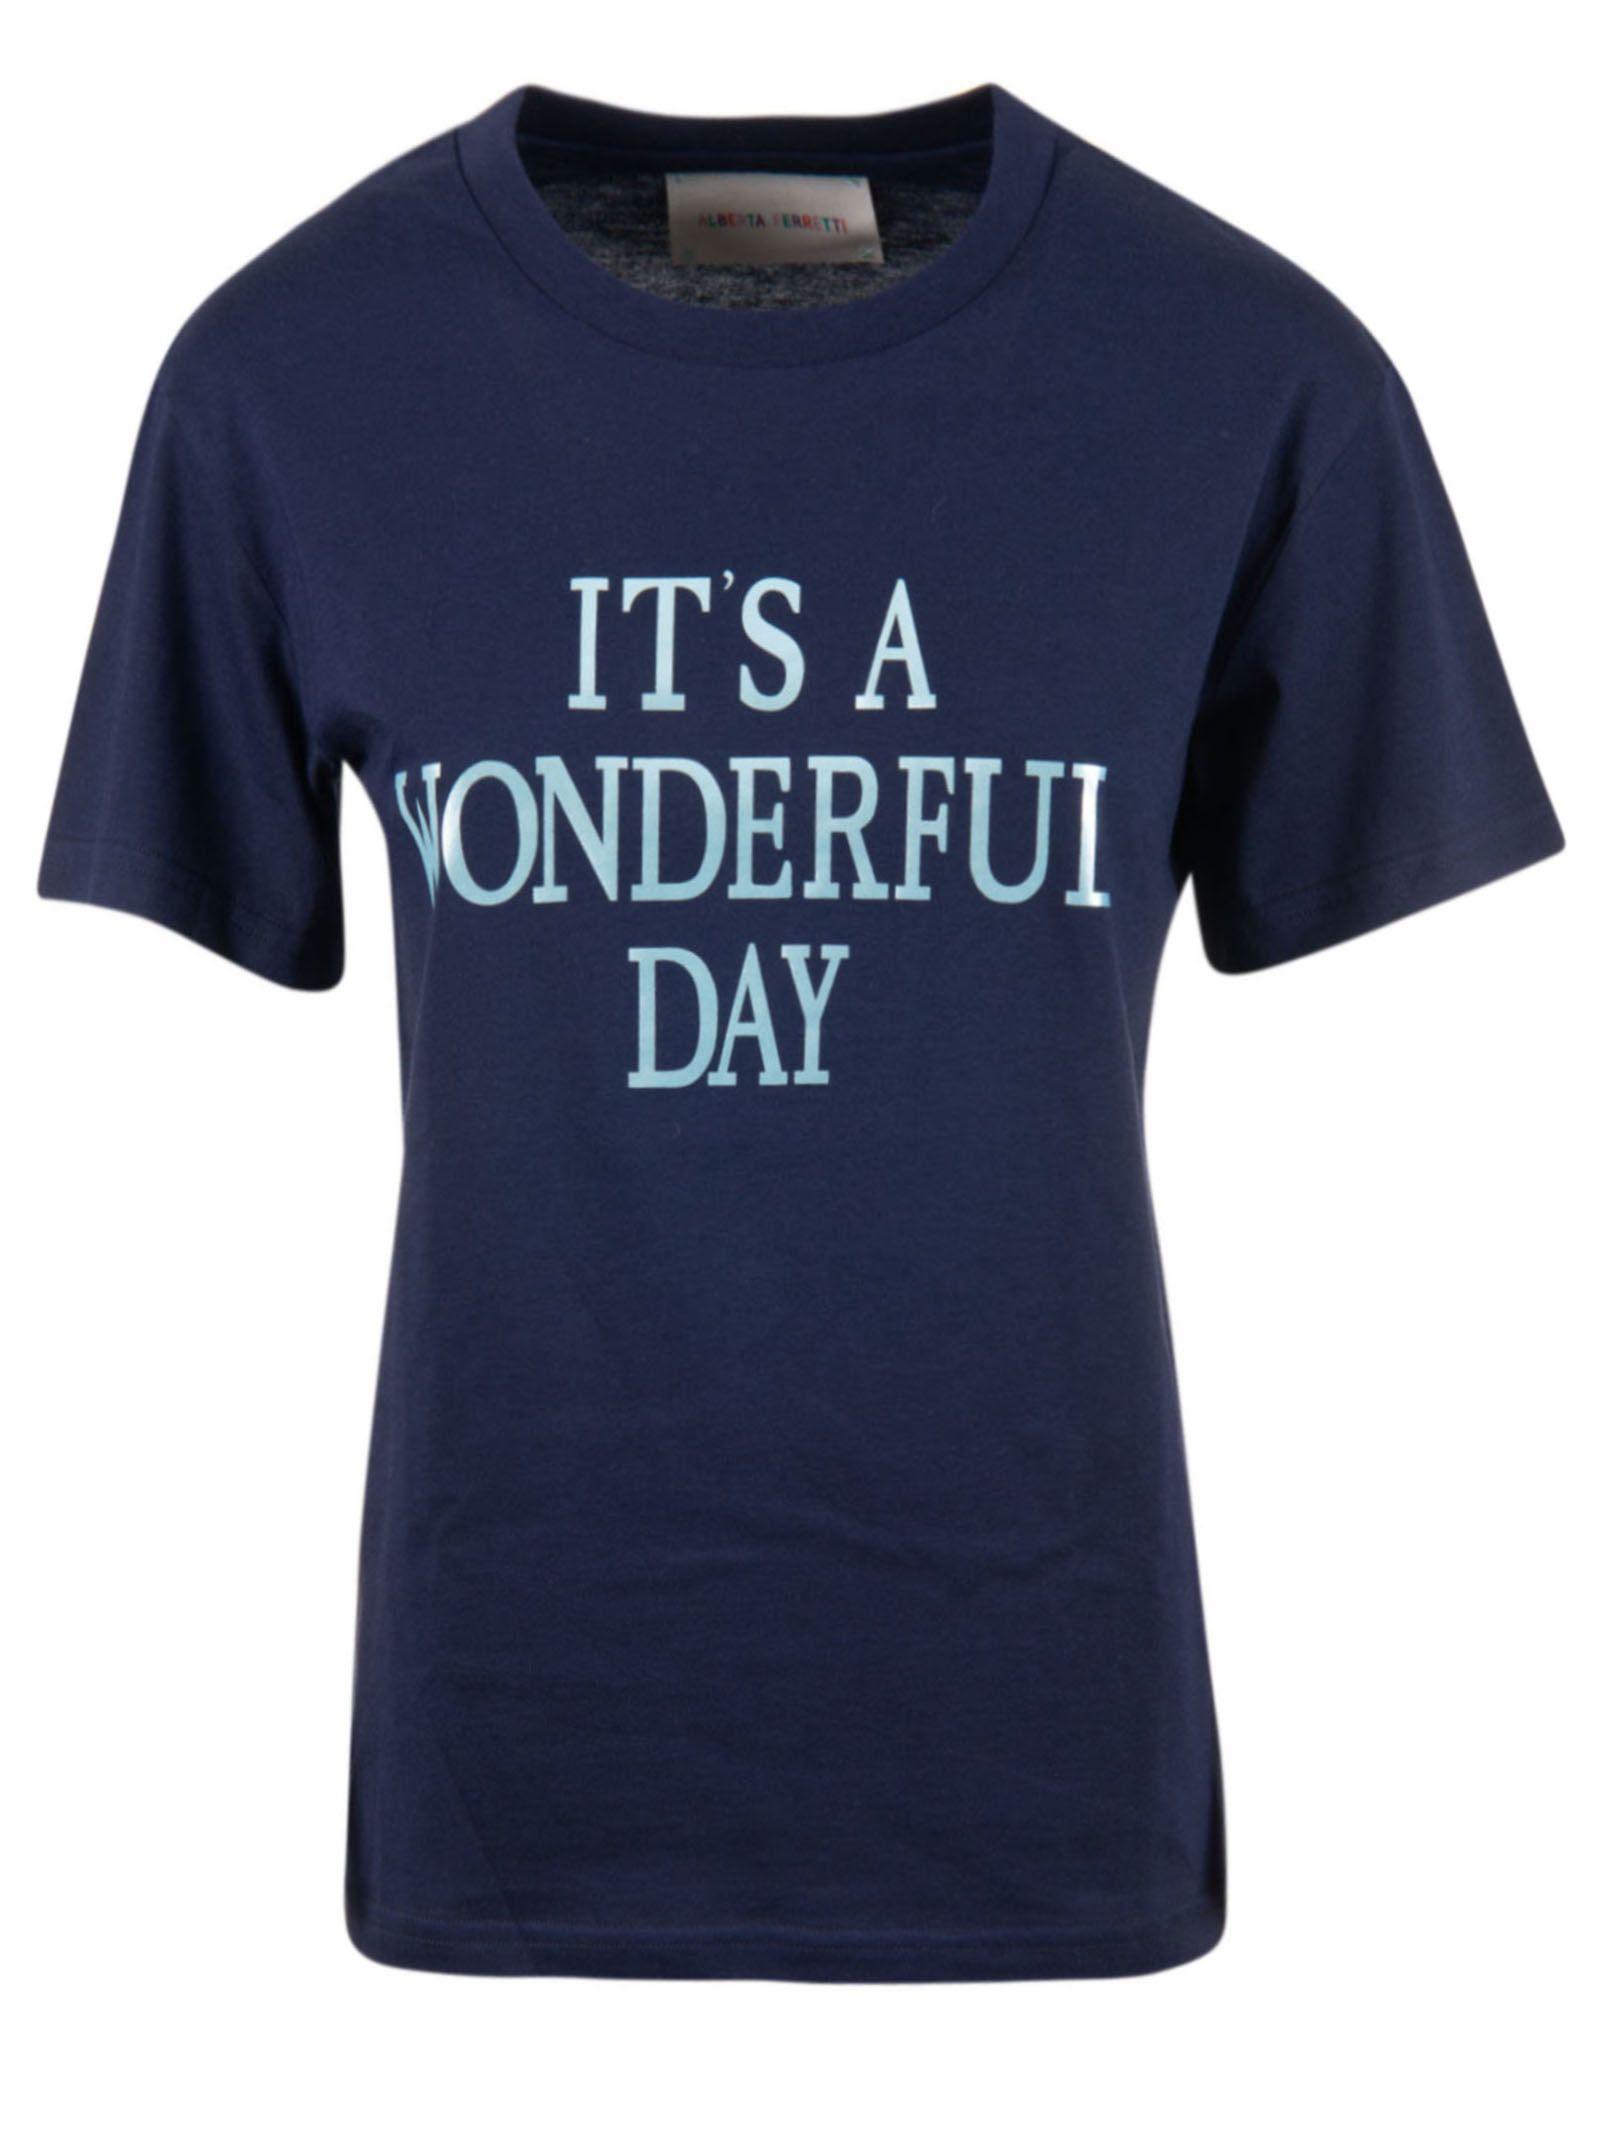 Alberta Ferretti It's A Wonderful Day Print T-shirt